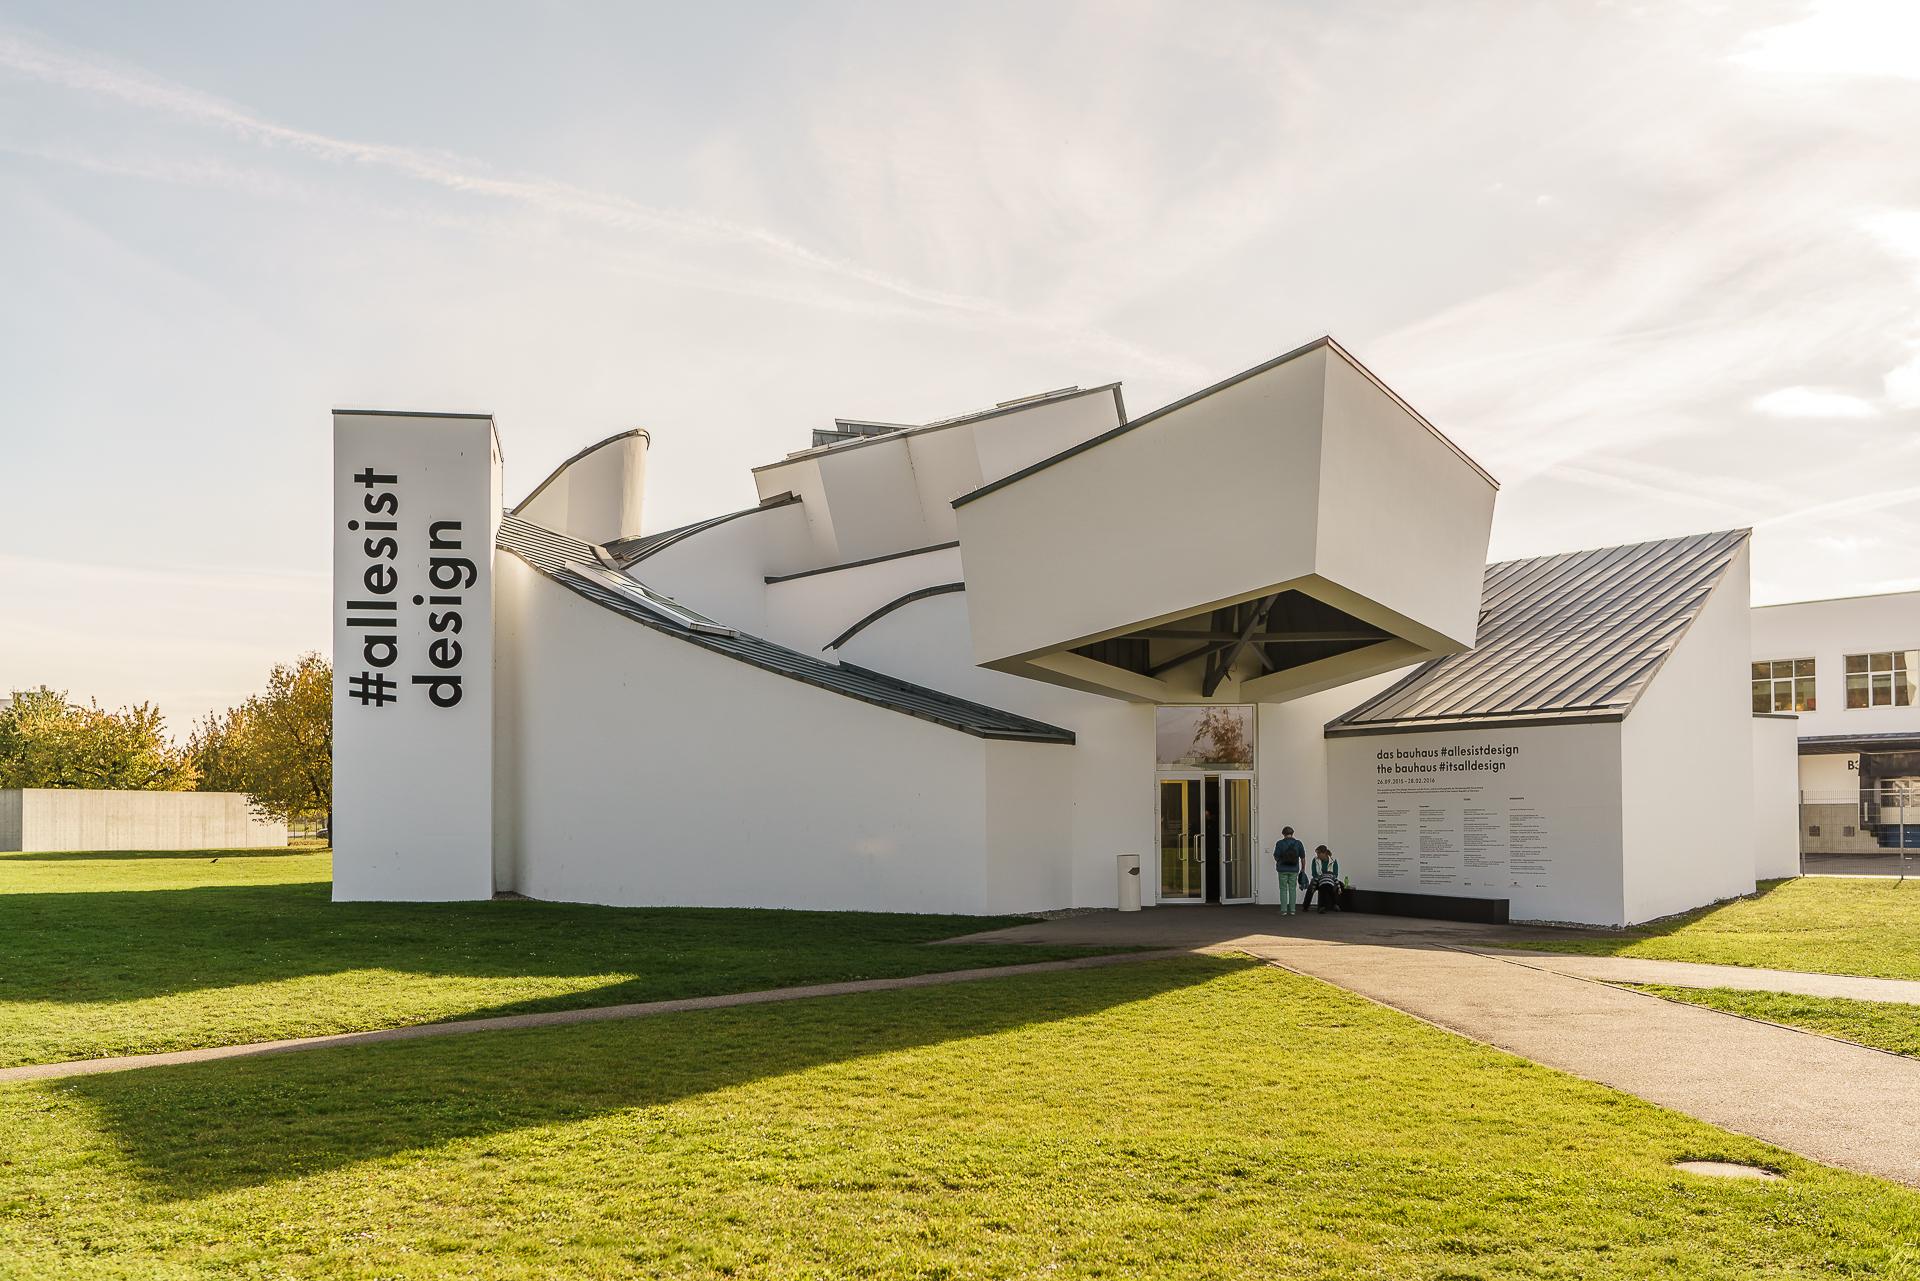 Reiseguide kunst und kultur in basel reisetipps for Vitra design museum